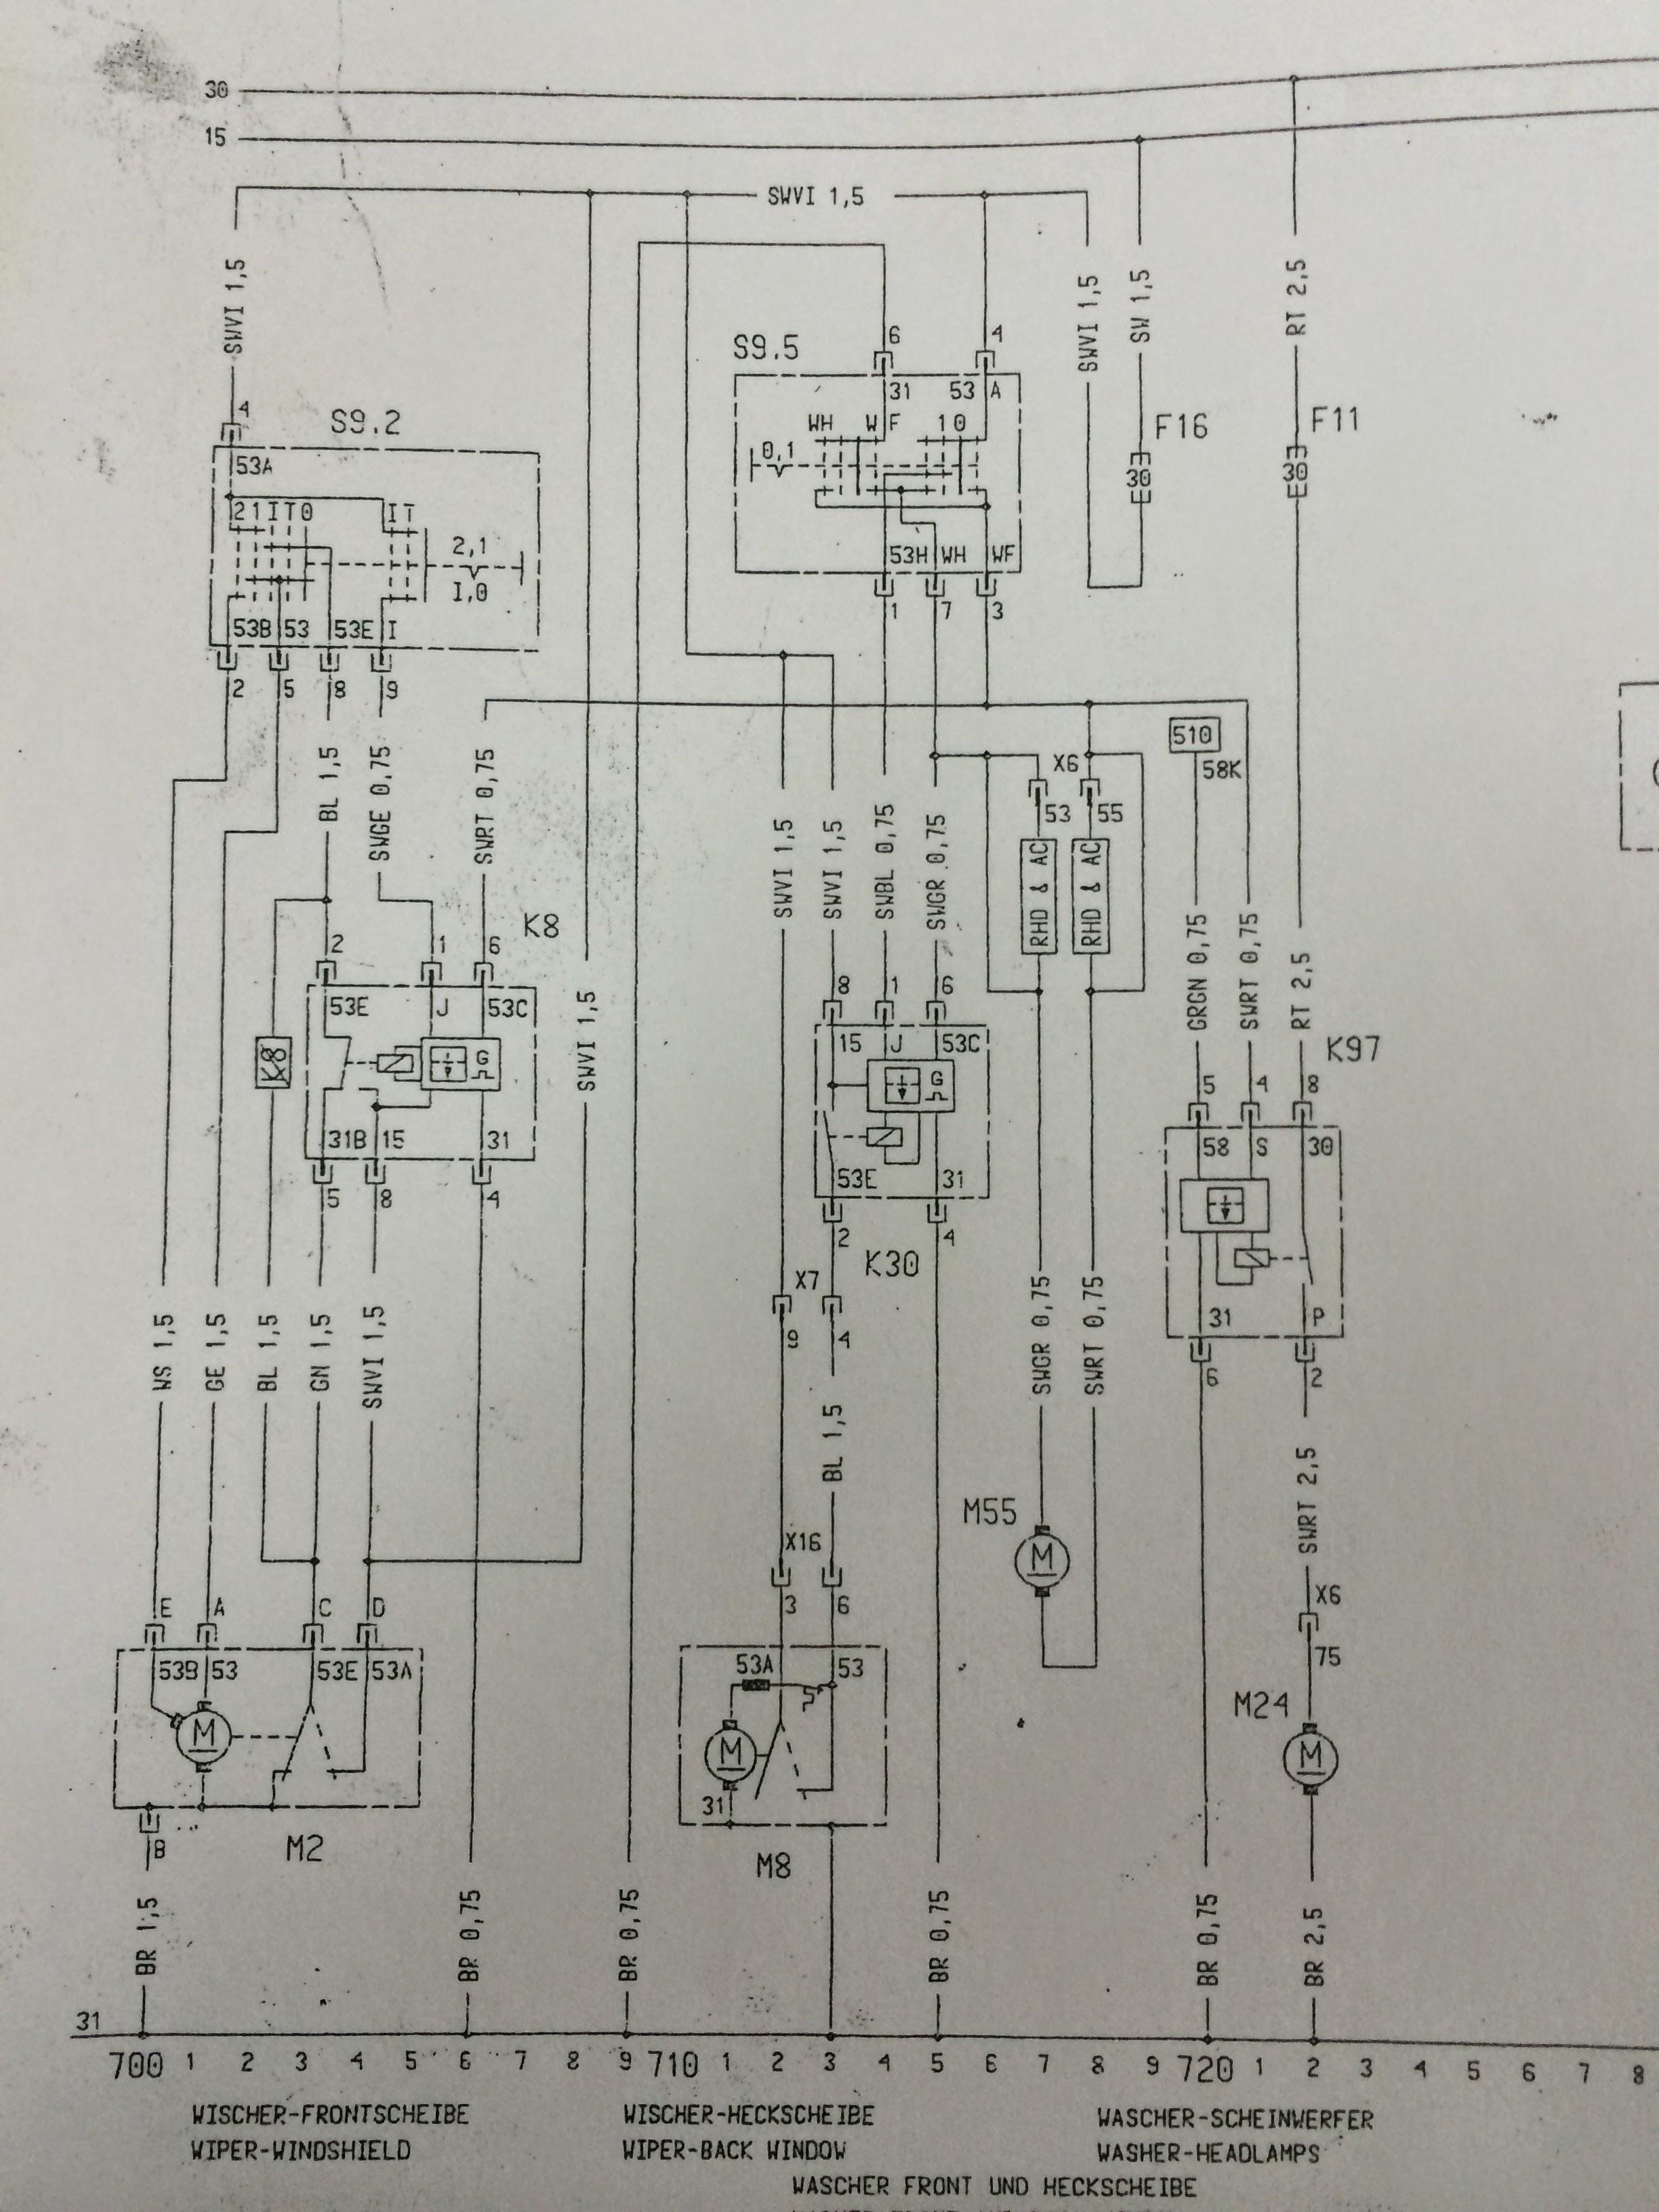 Circuito Electrico Simple Diagrama : Circuito eléctrico del limpiaparabrisas u sistemas eléctricos del